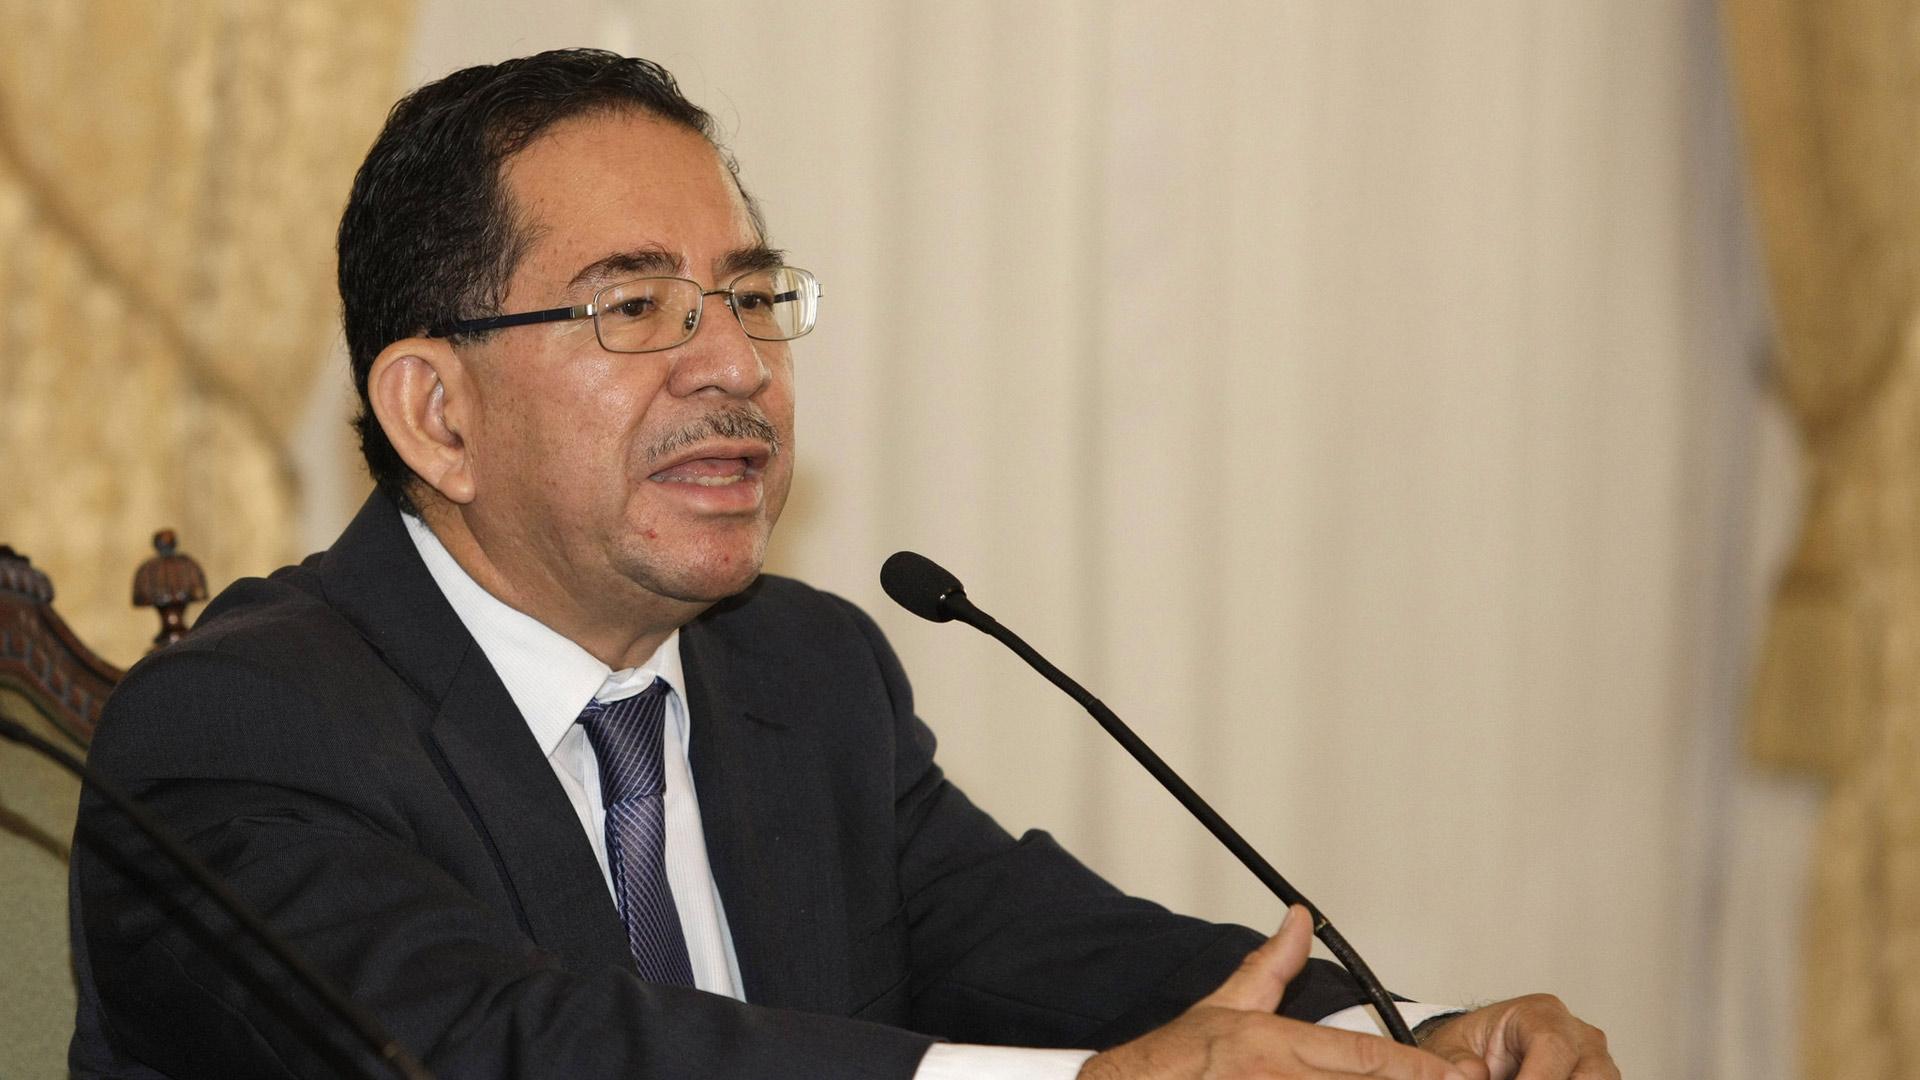 El secretario de comunicaciones, Eugenio Chicas, asegura que no necesitan ayuda internacional para mantener el orden